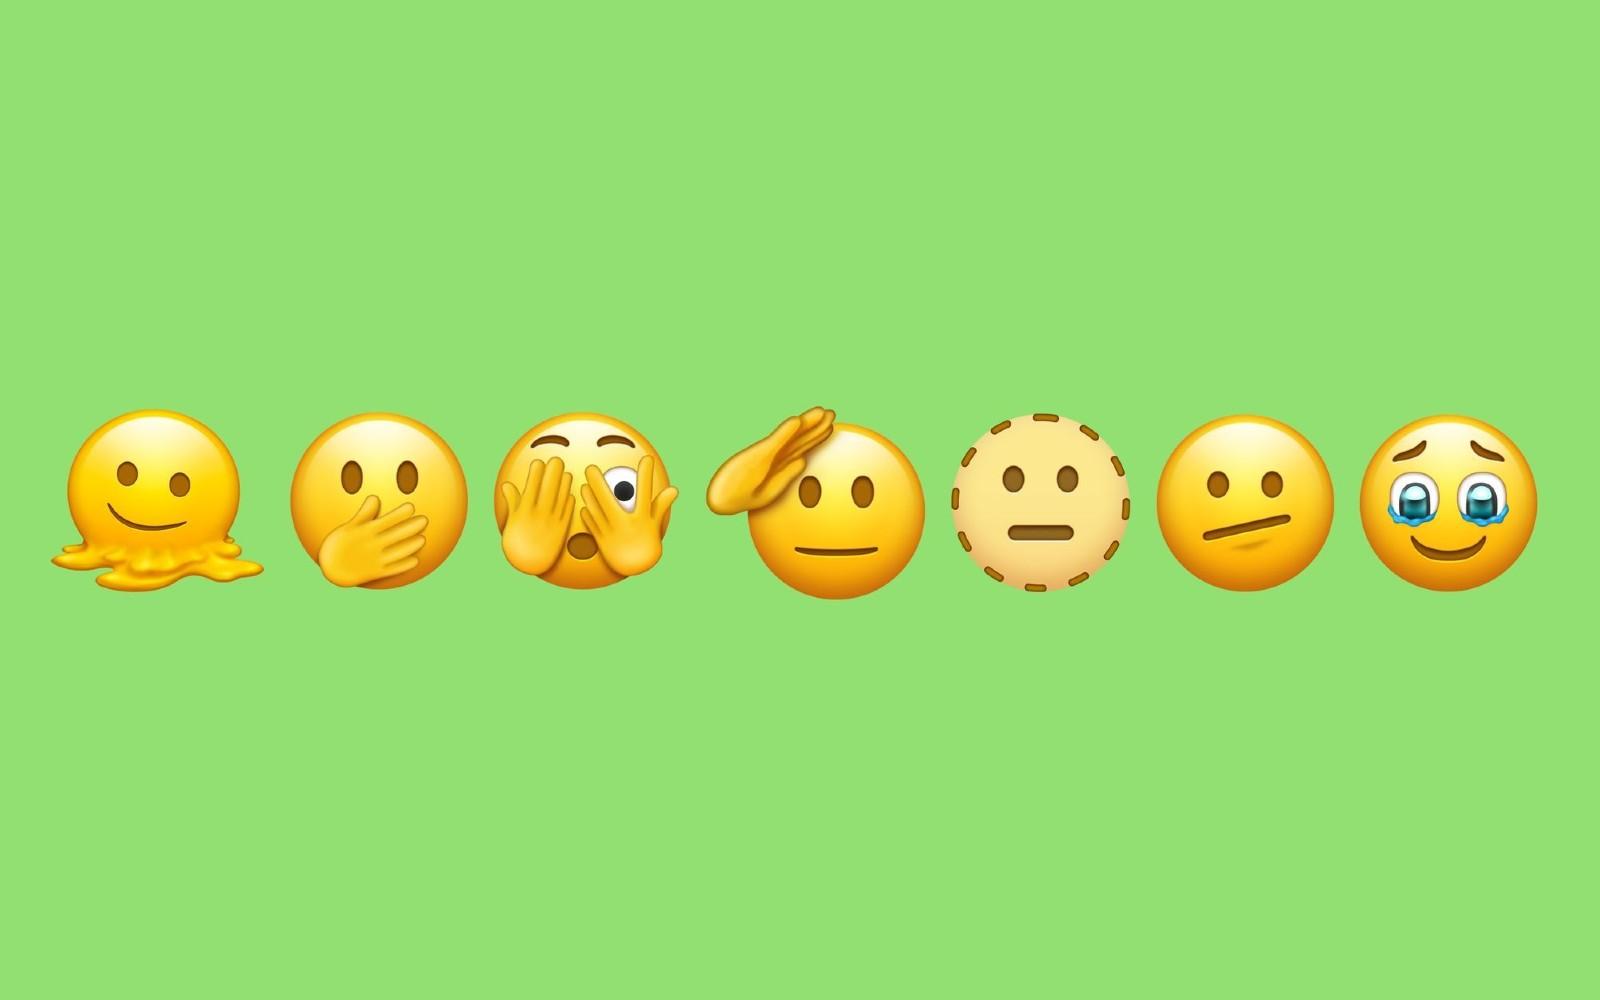 emoji 14.0 candidate